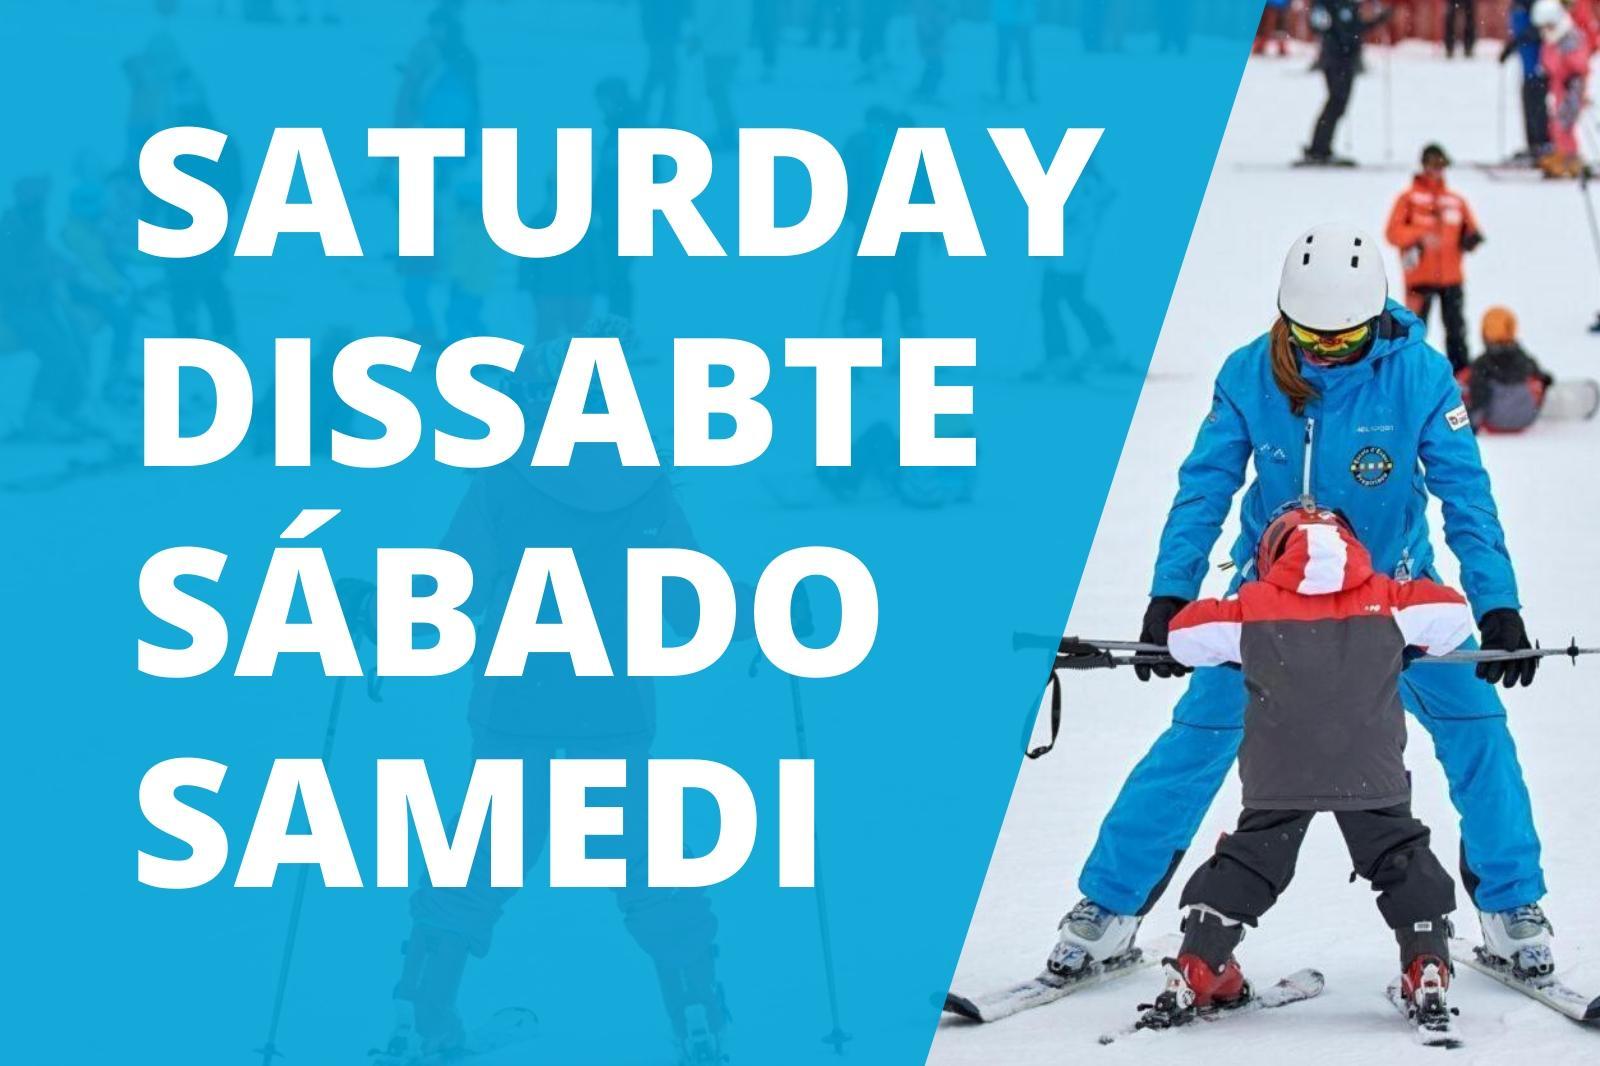 Clases colectivas de esquí 5 sábados en Port del Comte